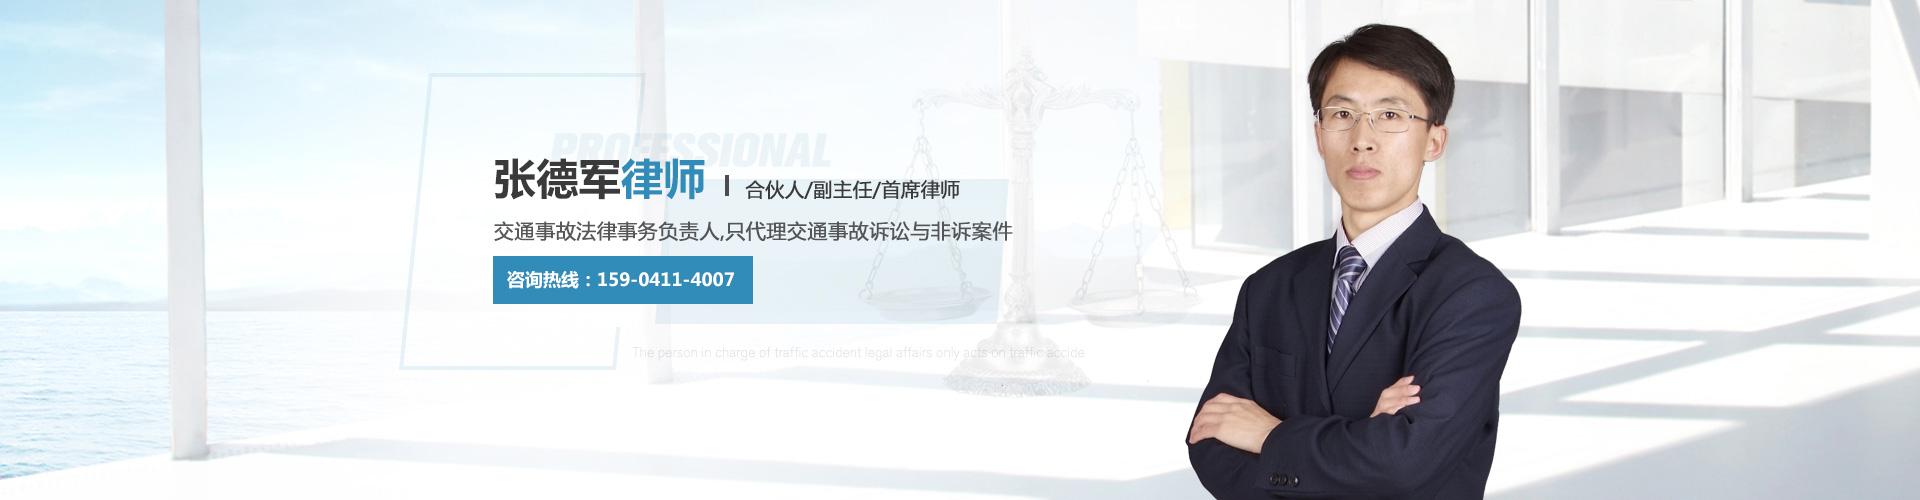 辽宁交通律师